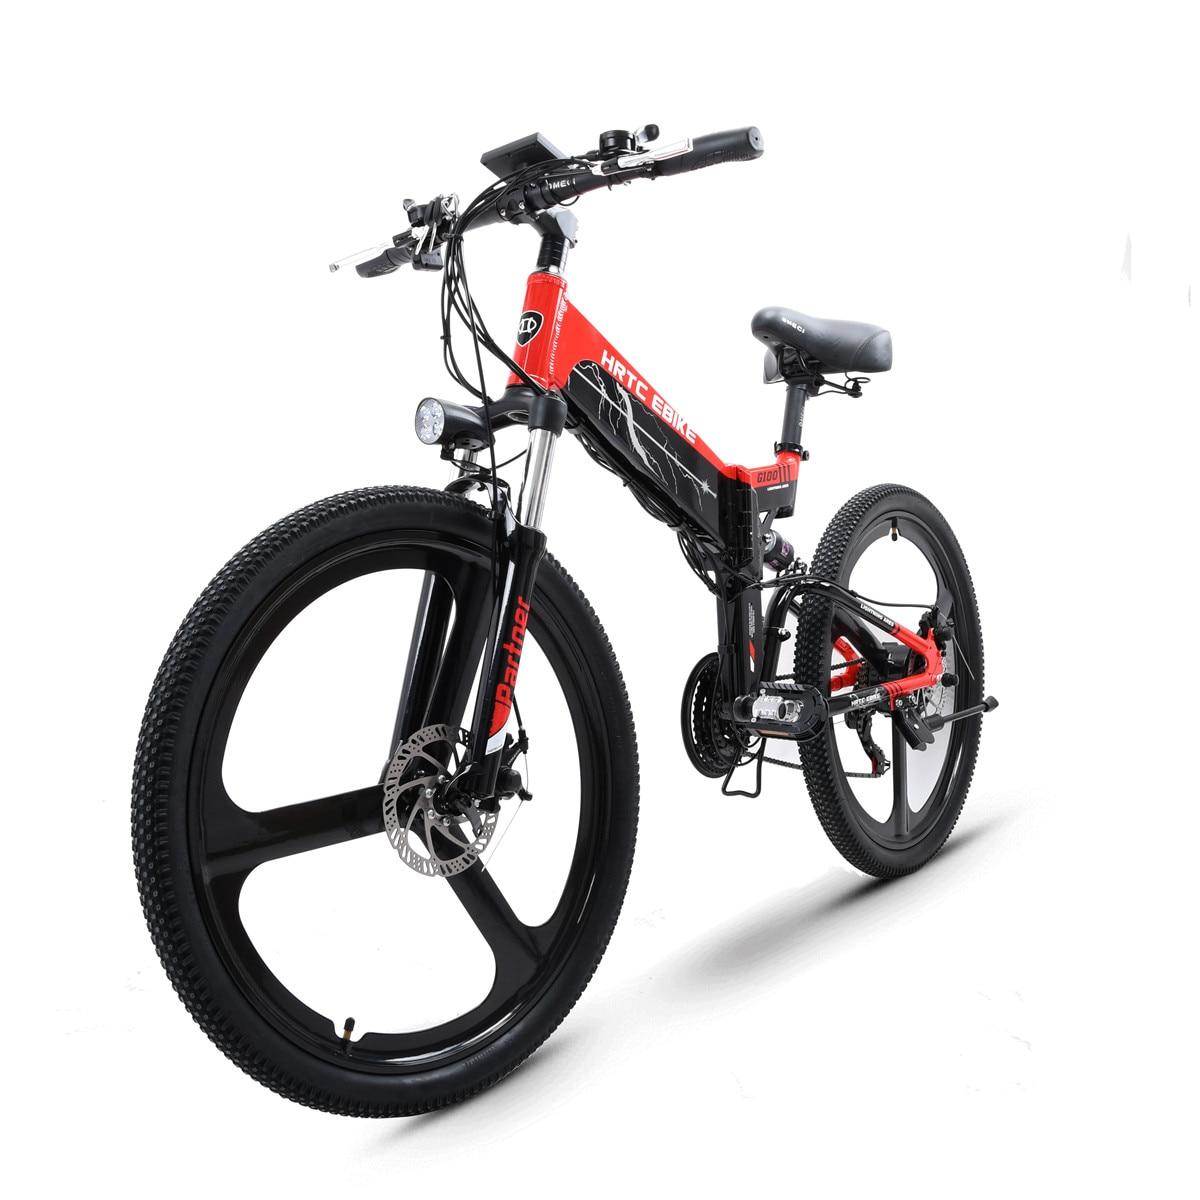 دراجة جبلية كهربائية ، 26 بوصة ، محرك 48 فولت ، 500 واط ، سرعة عالية ، بطارية ليثيوم مخفية ، emtb